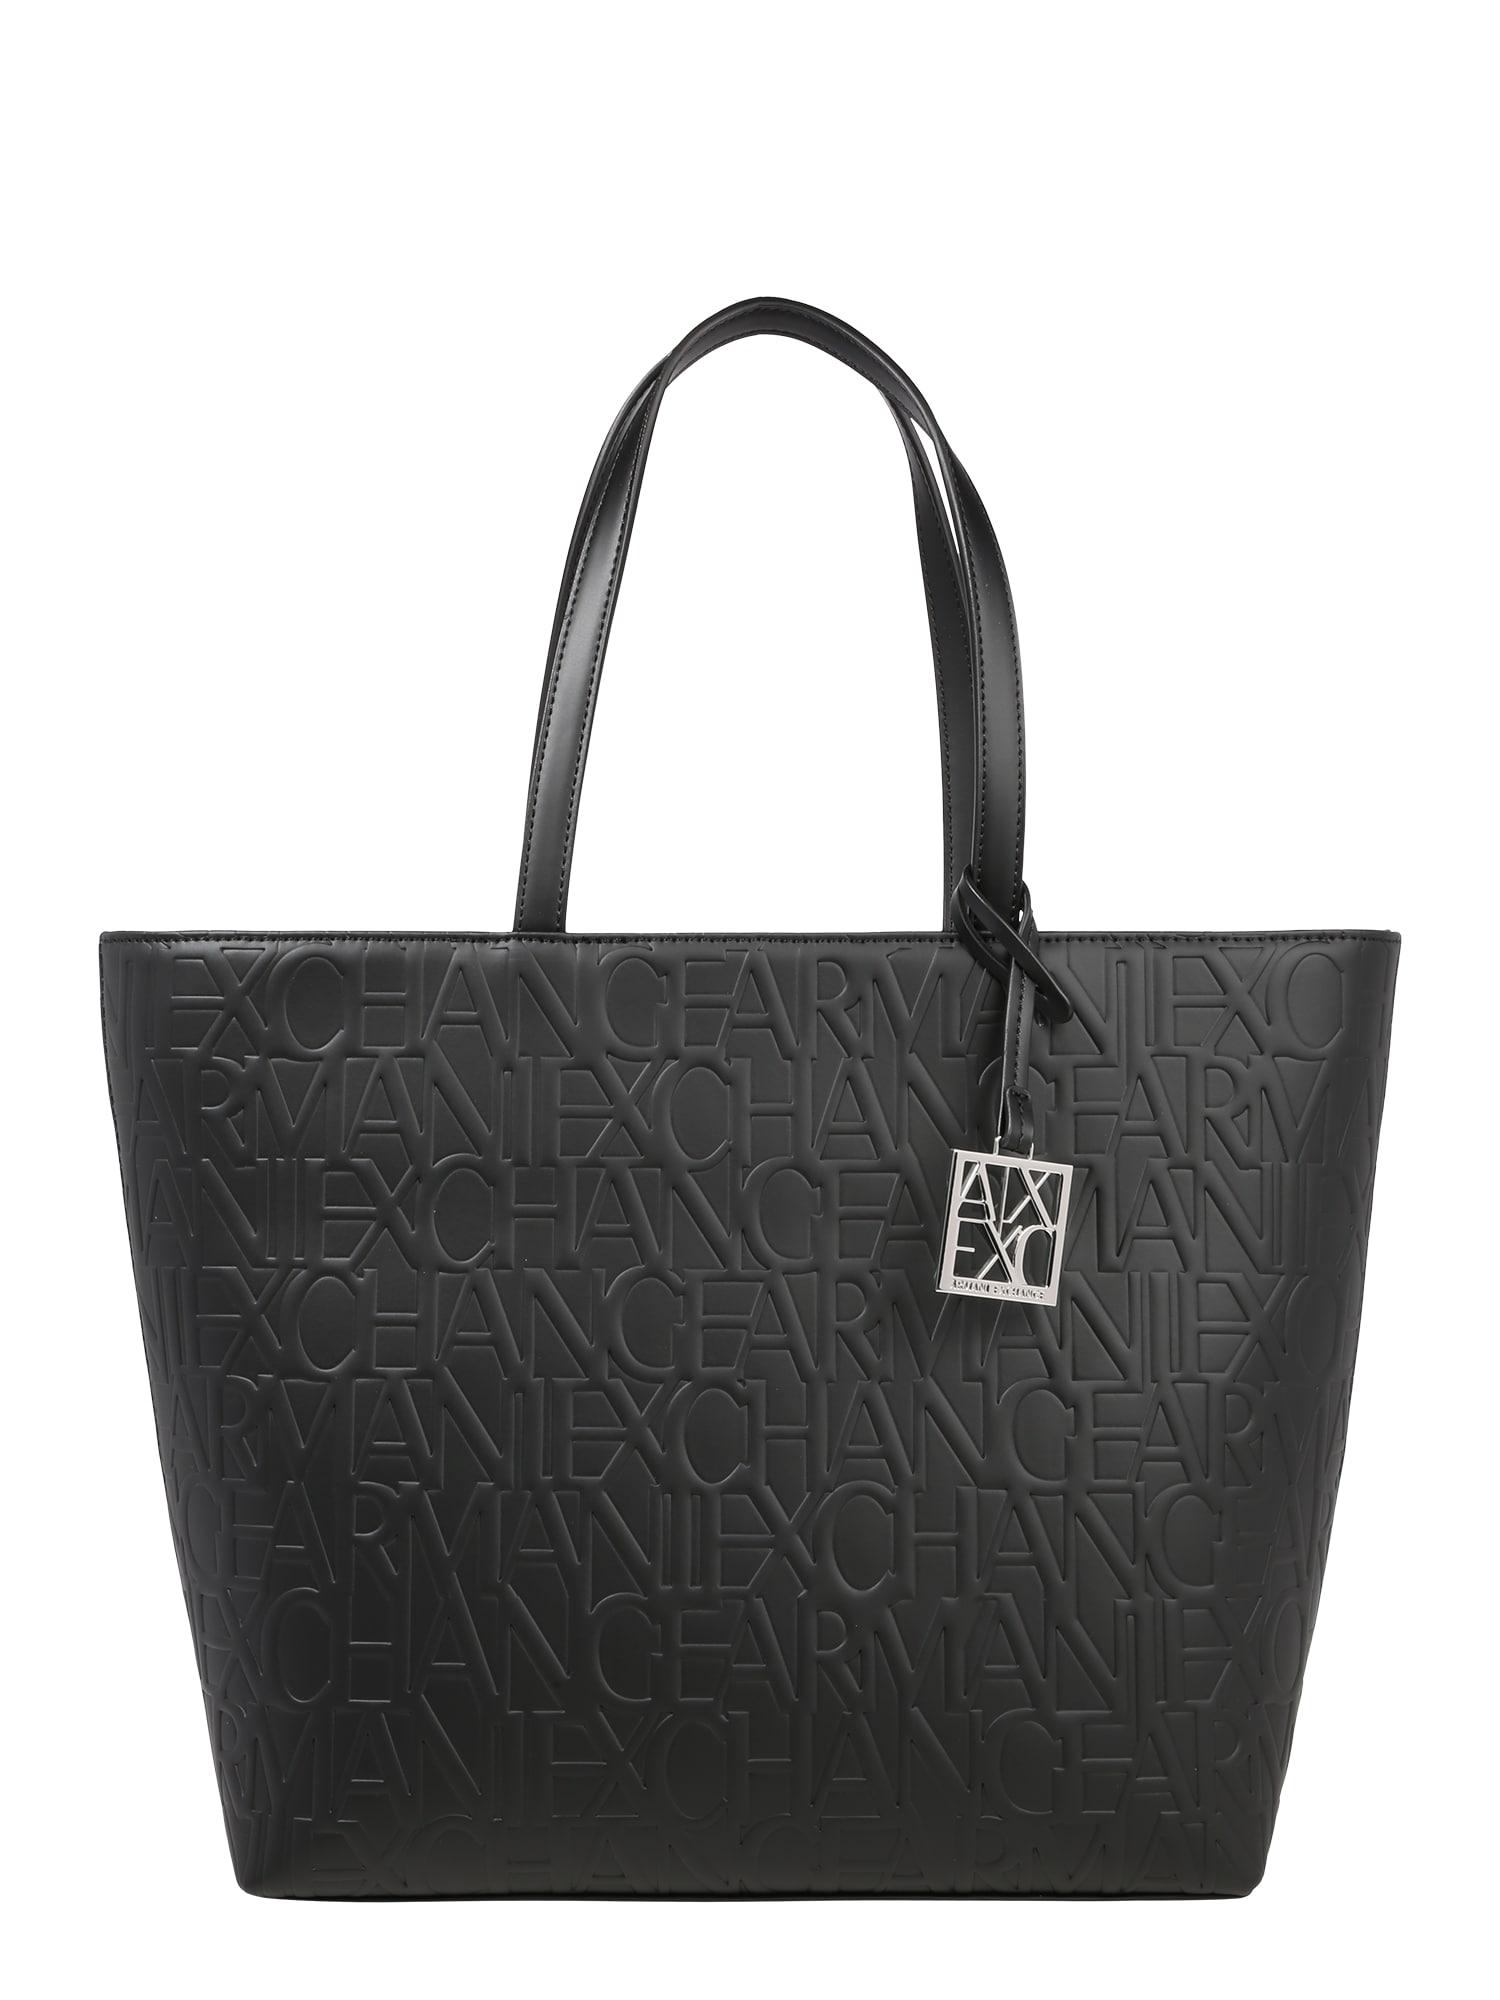 ARMANI EXCHANGE Pirkinių krepšys juoda